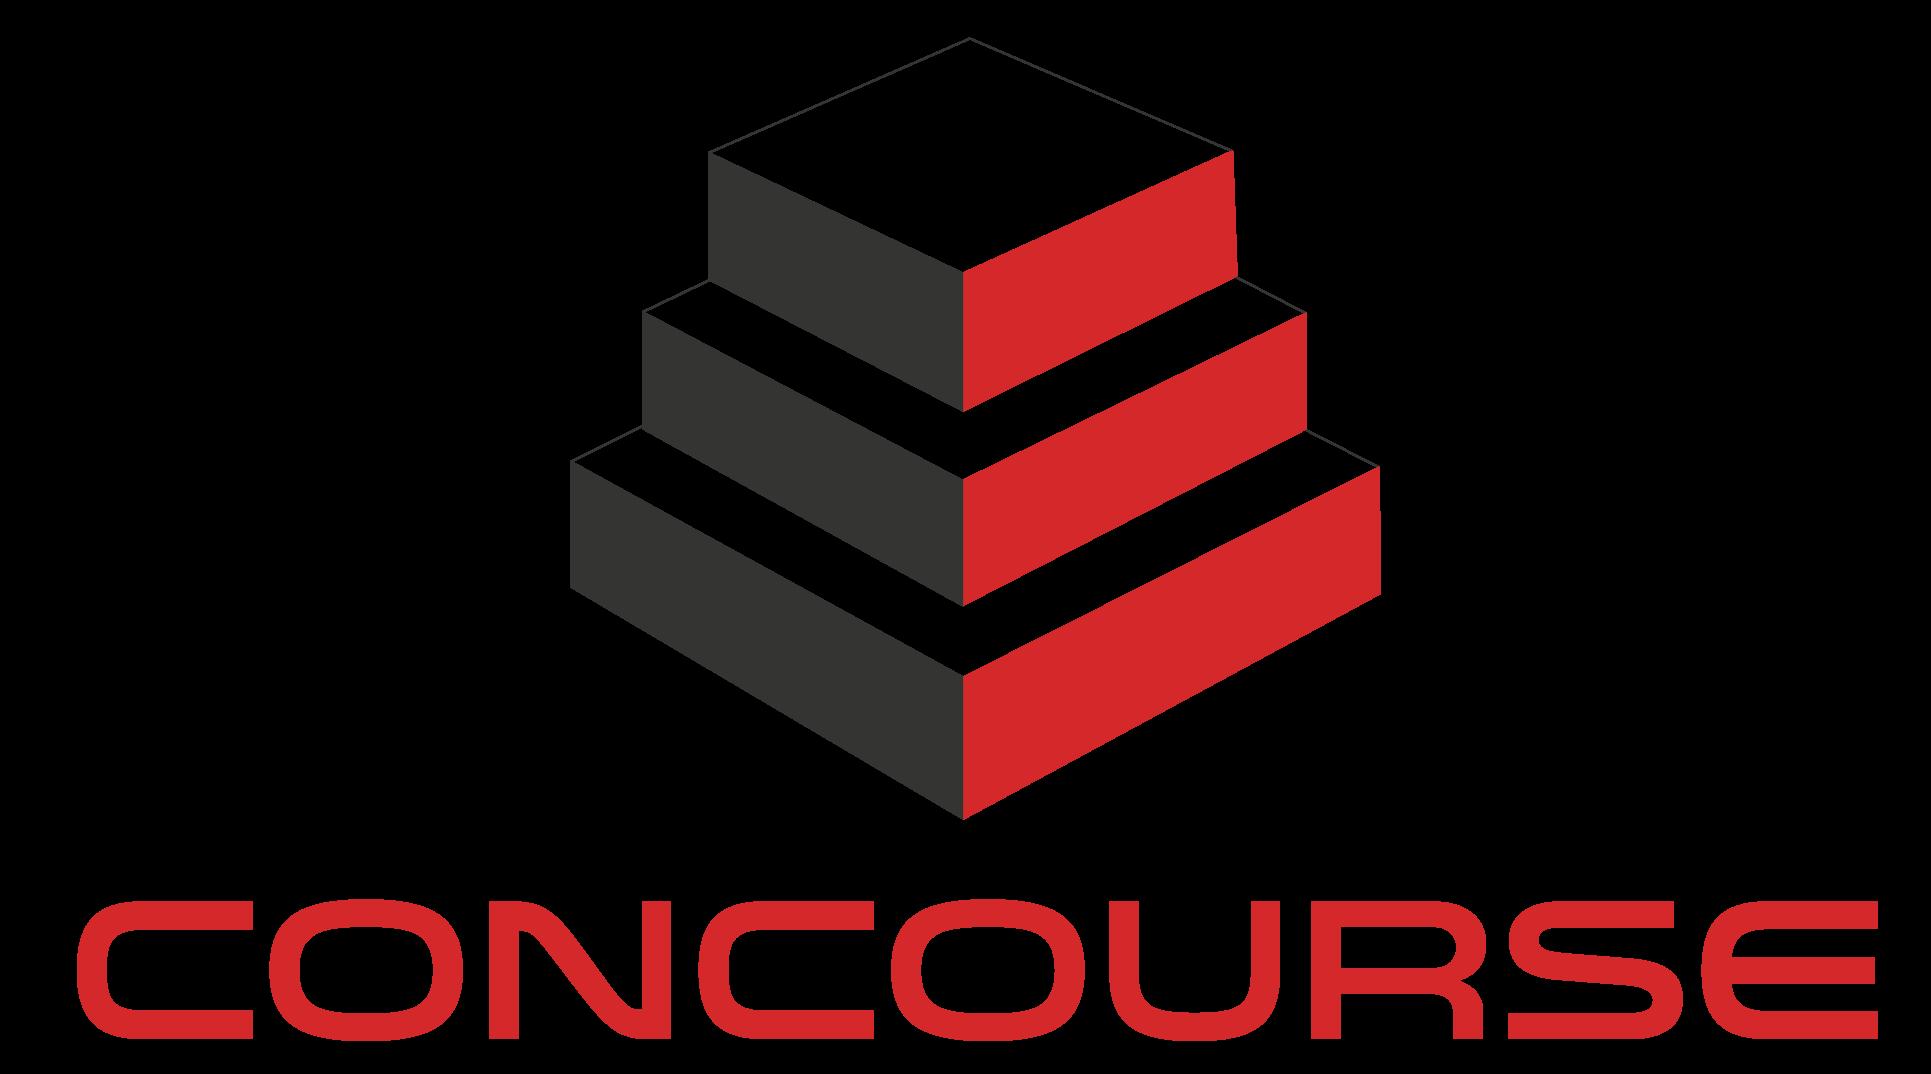 Concourse Brokerage, LLC